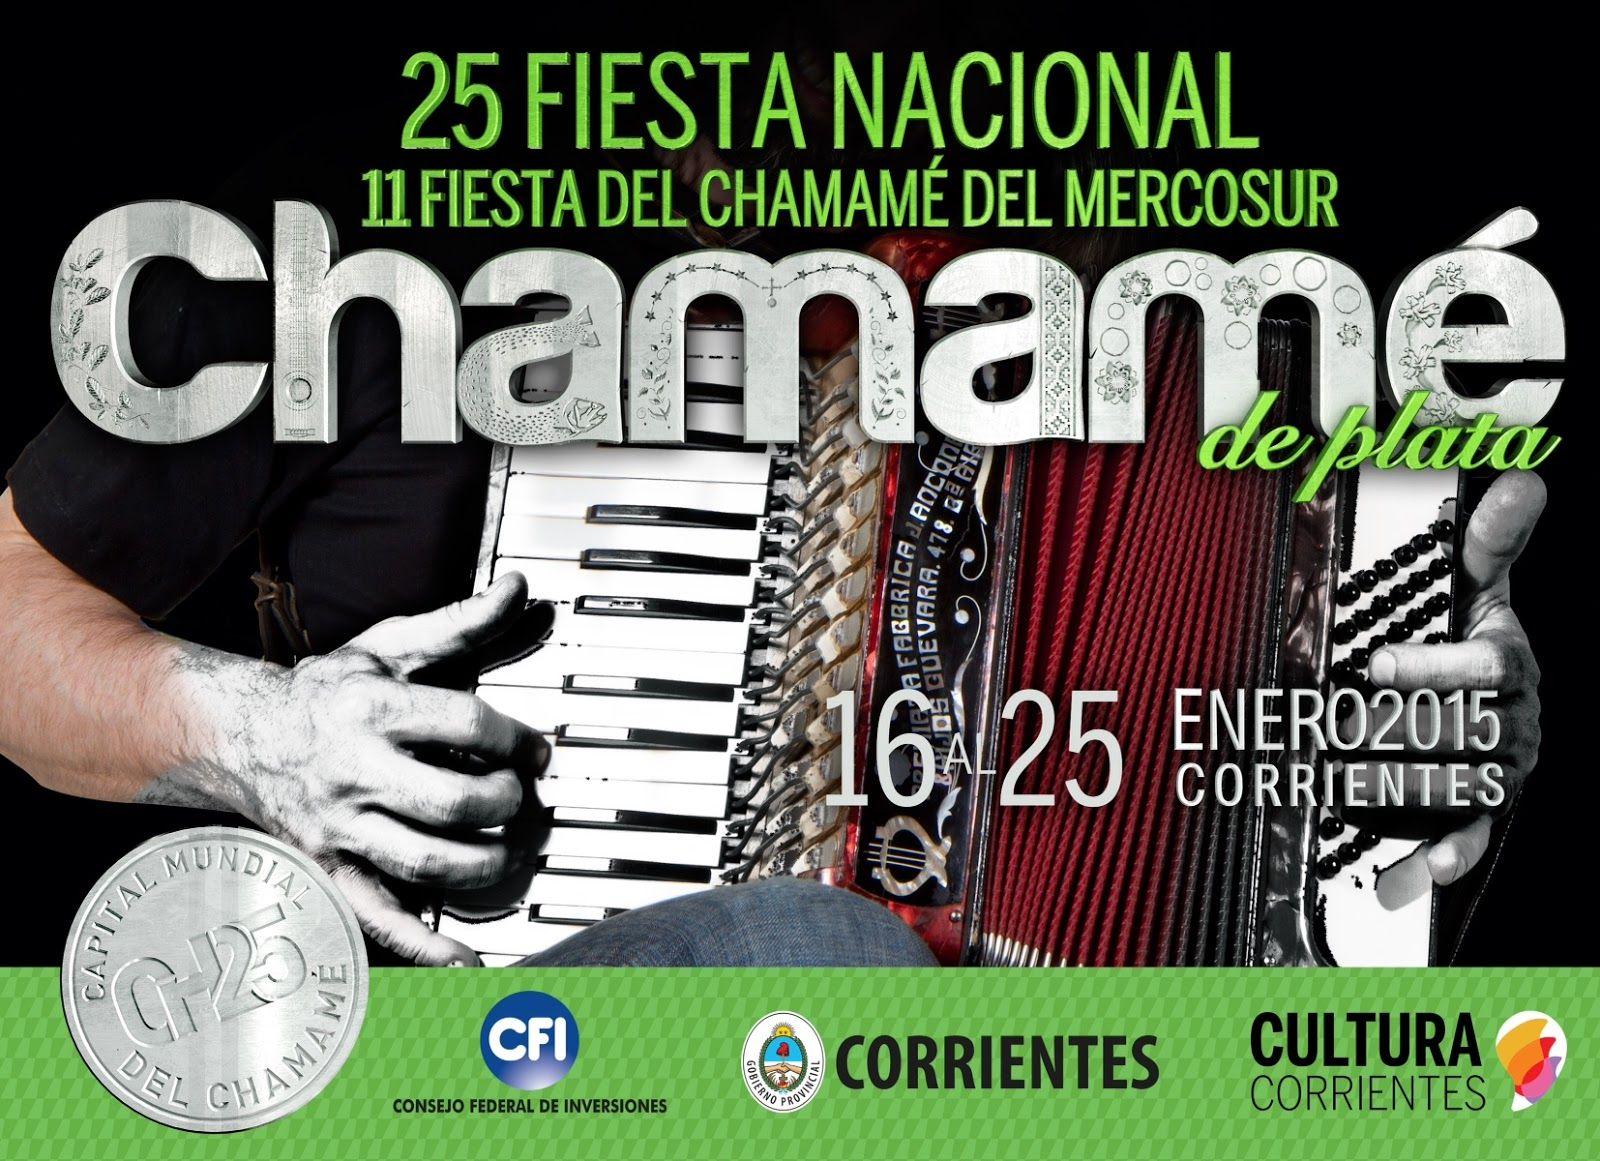 LA IMAGEN DE LA FIESTA: Camino a la 25ª Fiesta Nacional, el chamamé es de plata #VamosParaAdelante